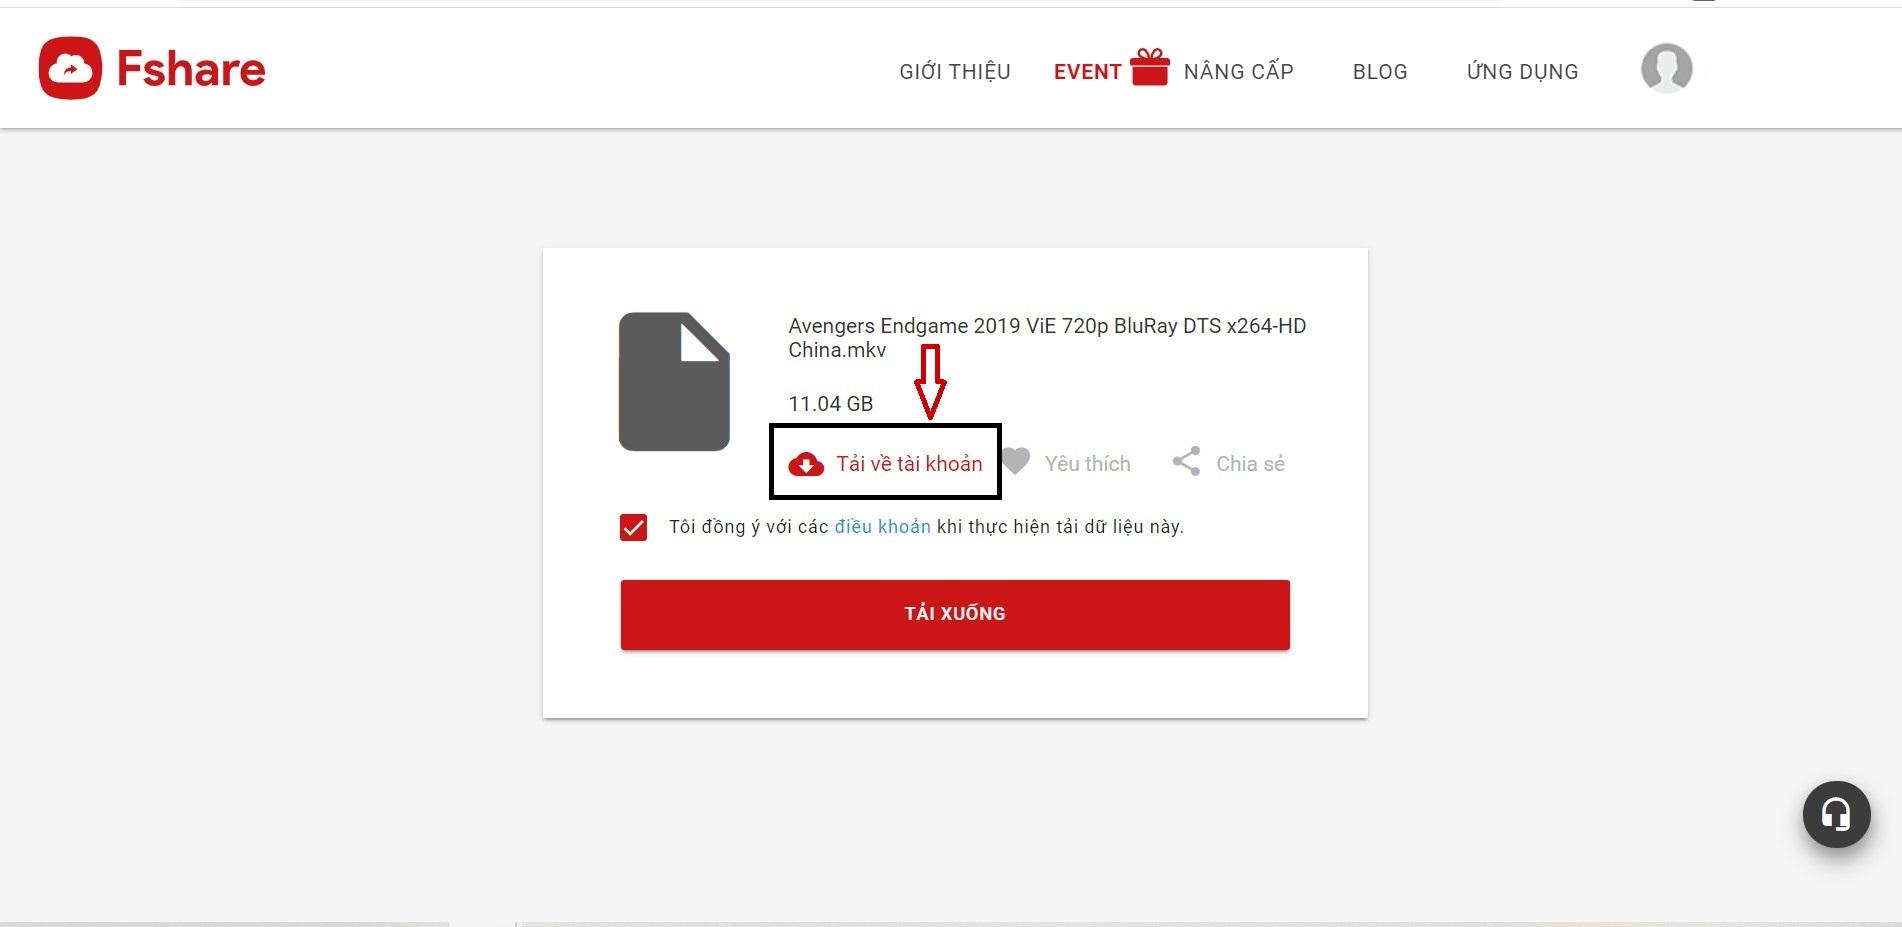 Cho phép tải file trực tiếp vào tài khoản